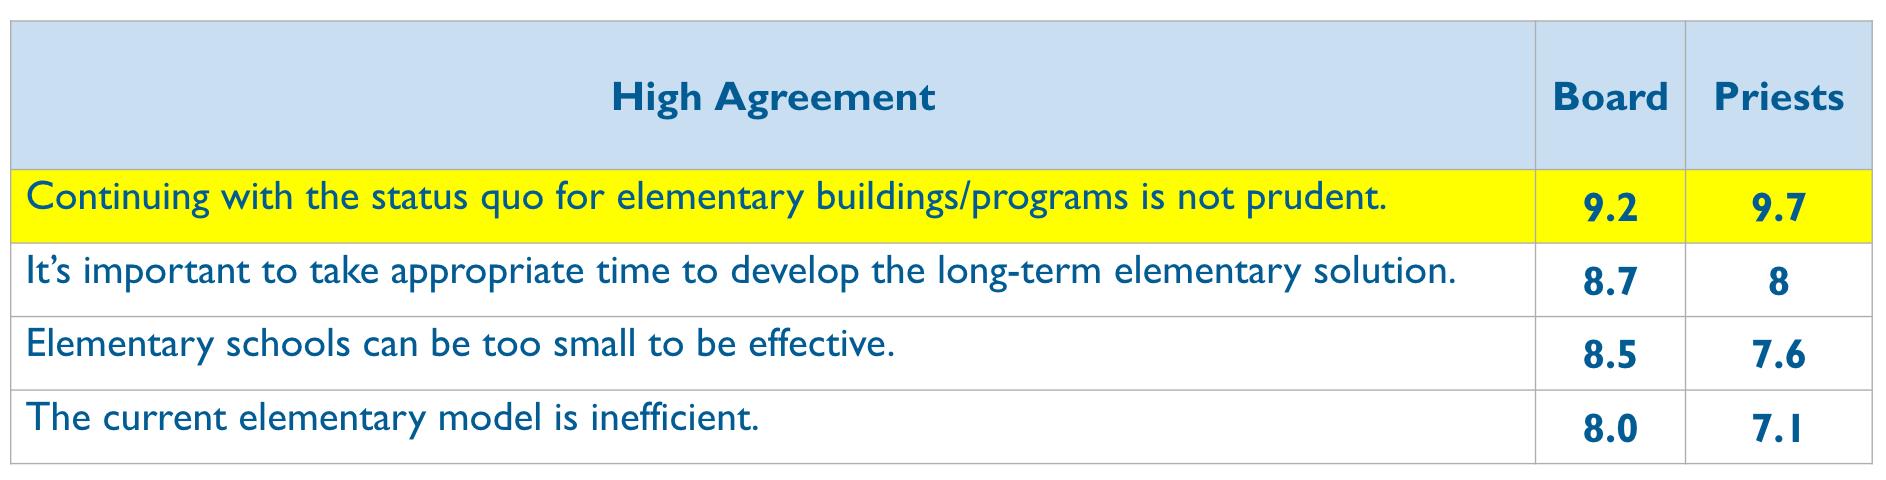 2017 Survey High Agreement